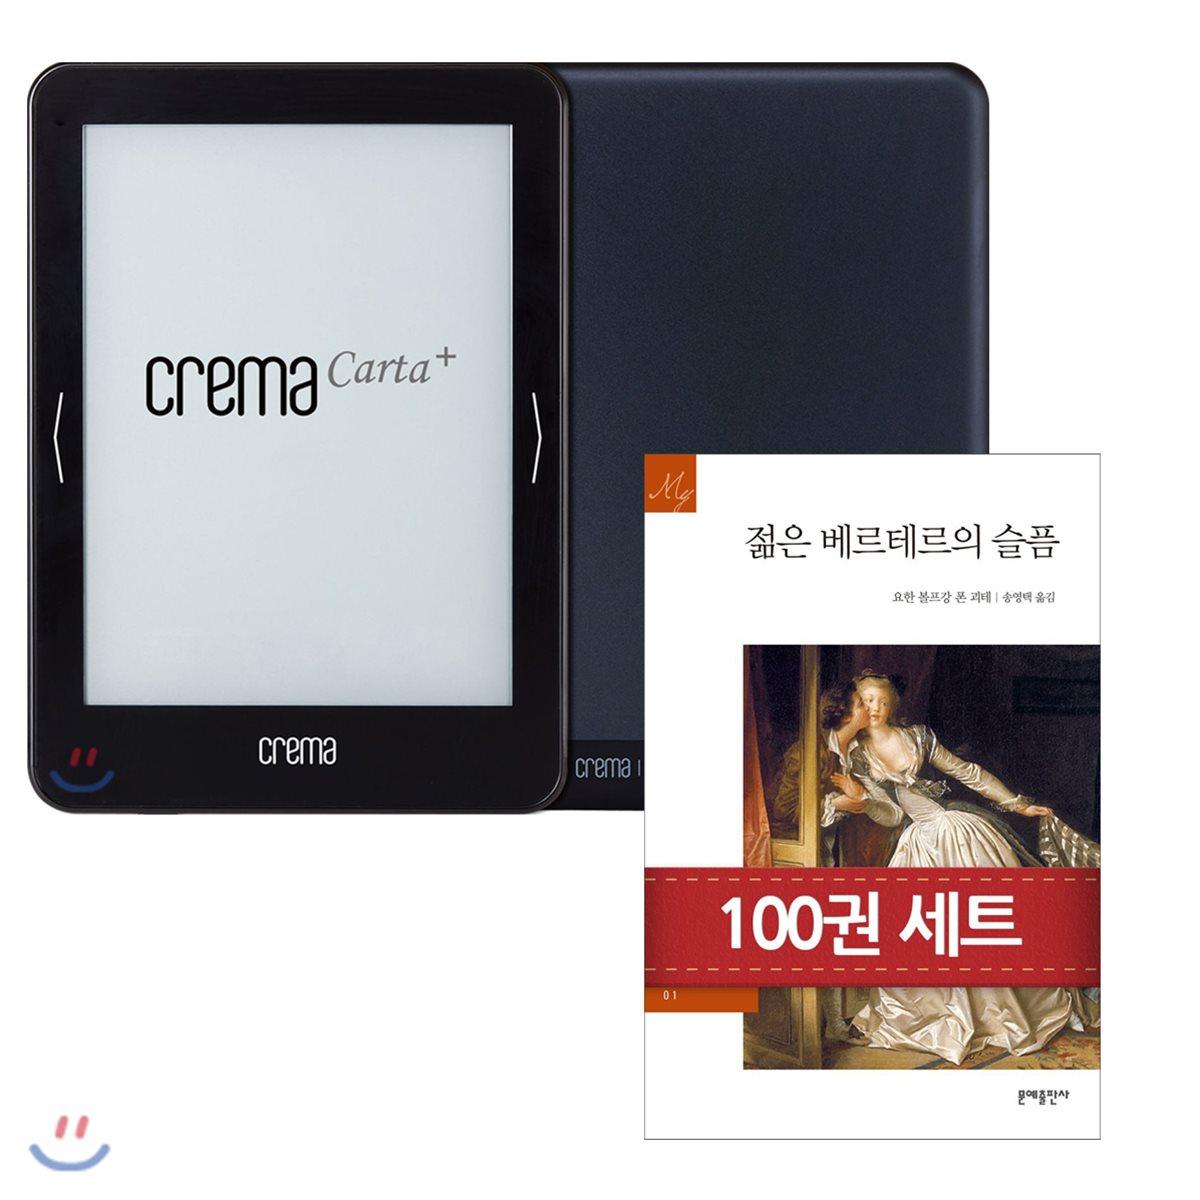 예스24 크레마 카르타 플러스(crema carta+) + 문예 세계문학 (전100권) eBook 세트